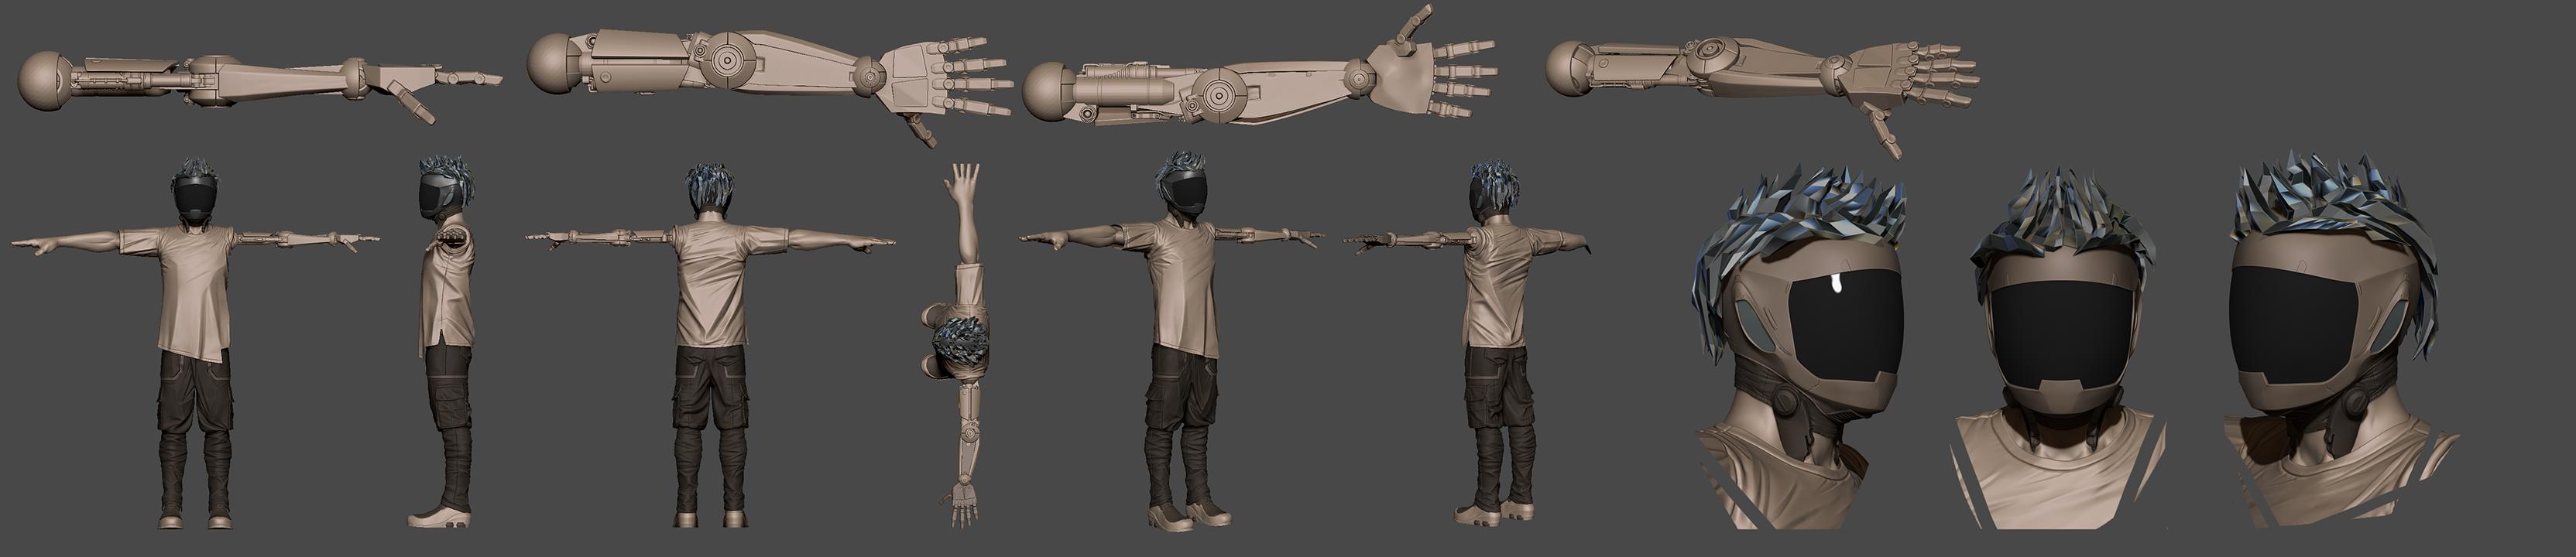 los-elegidos-acb-copa-del-rey-bionic-model-sheet-el-exilio-3327x720